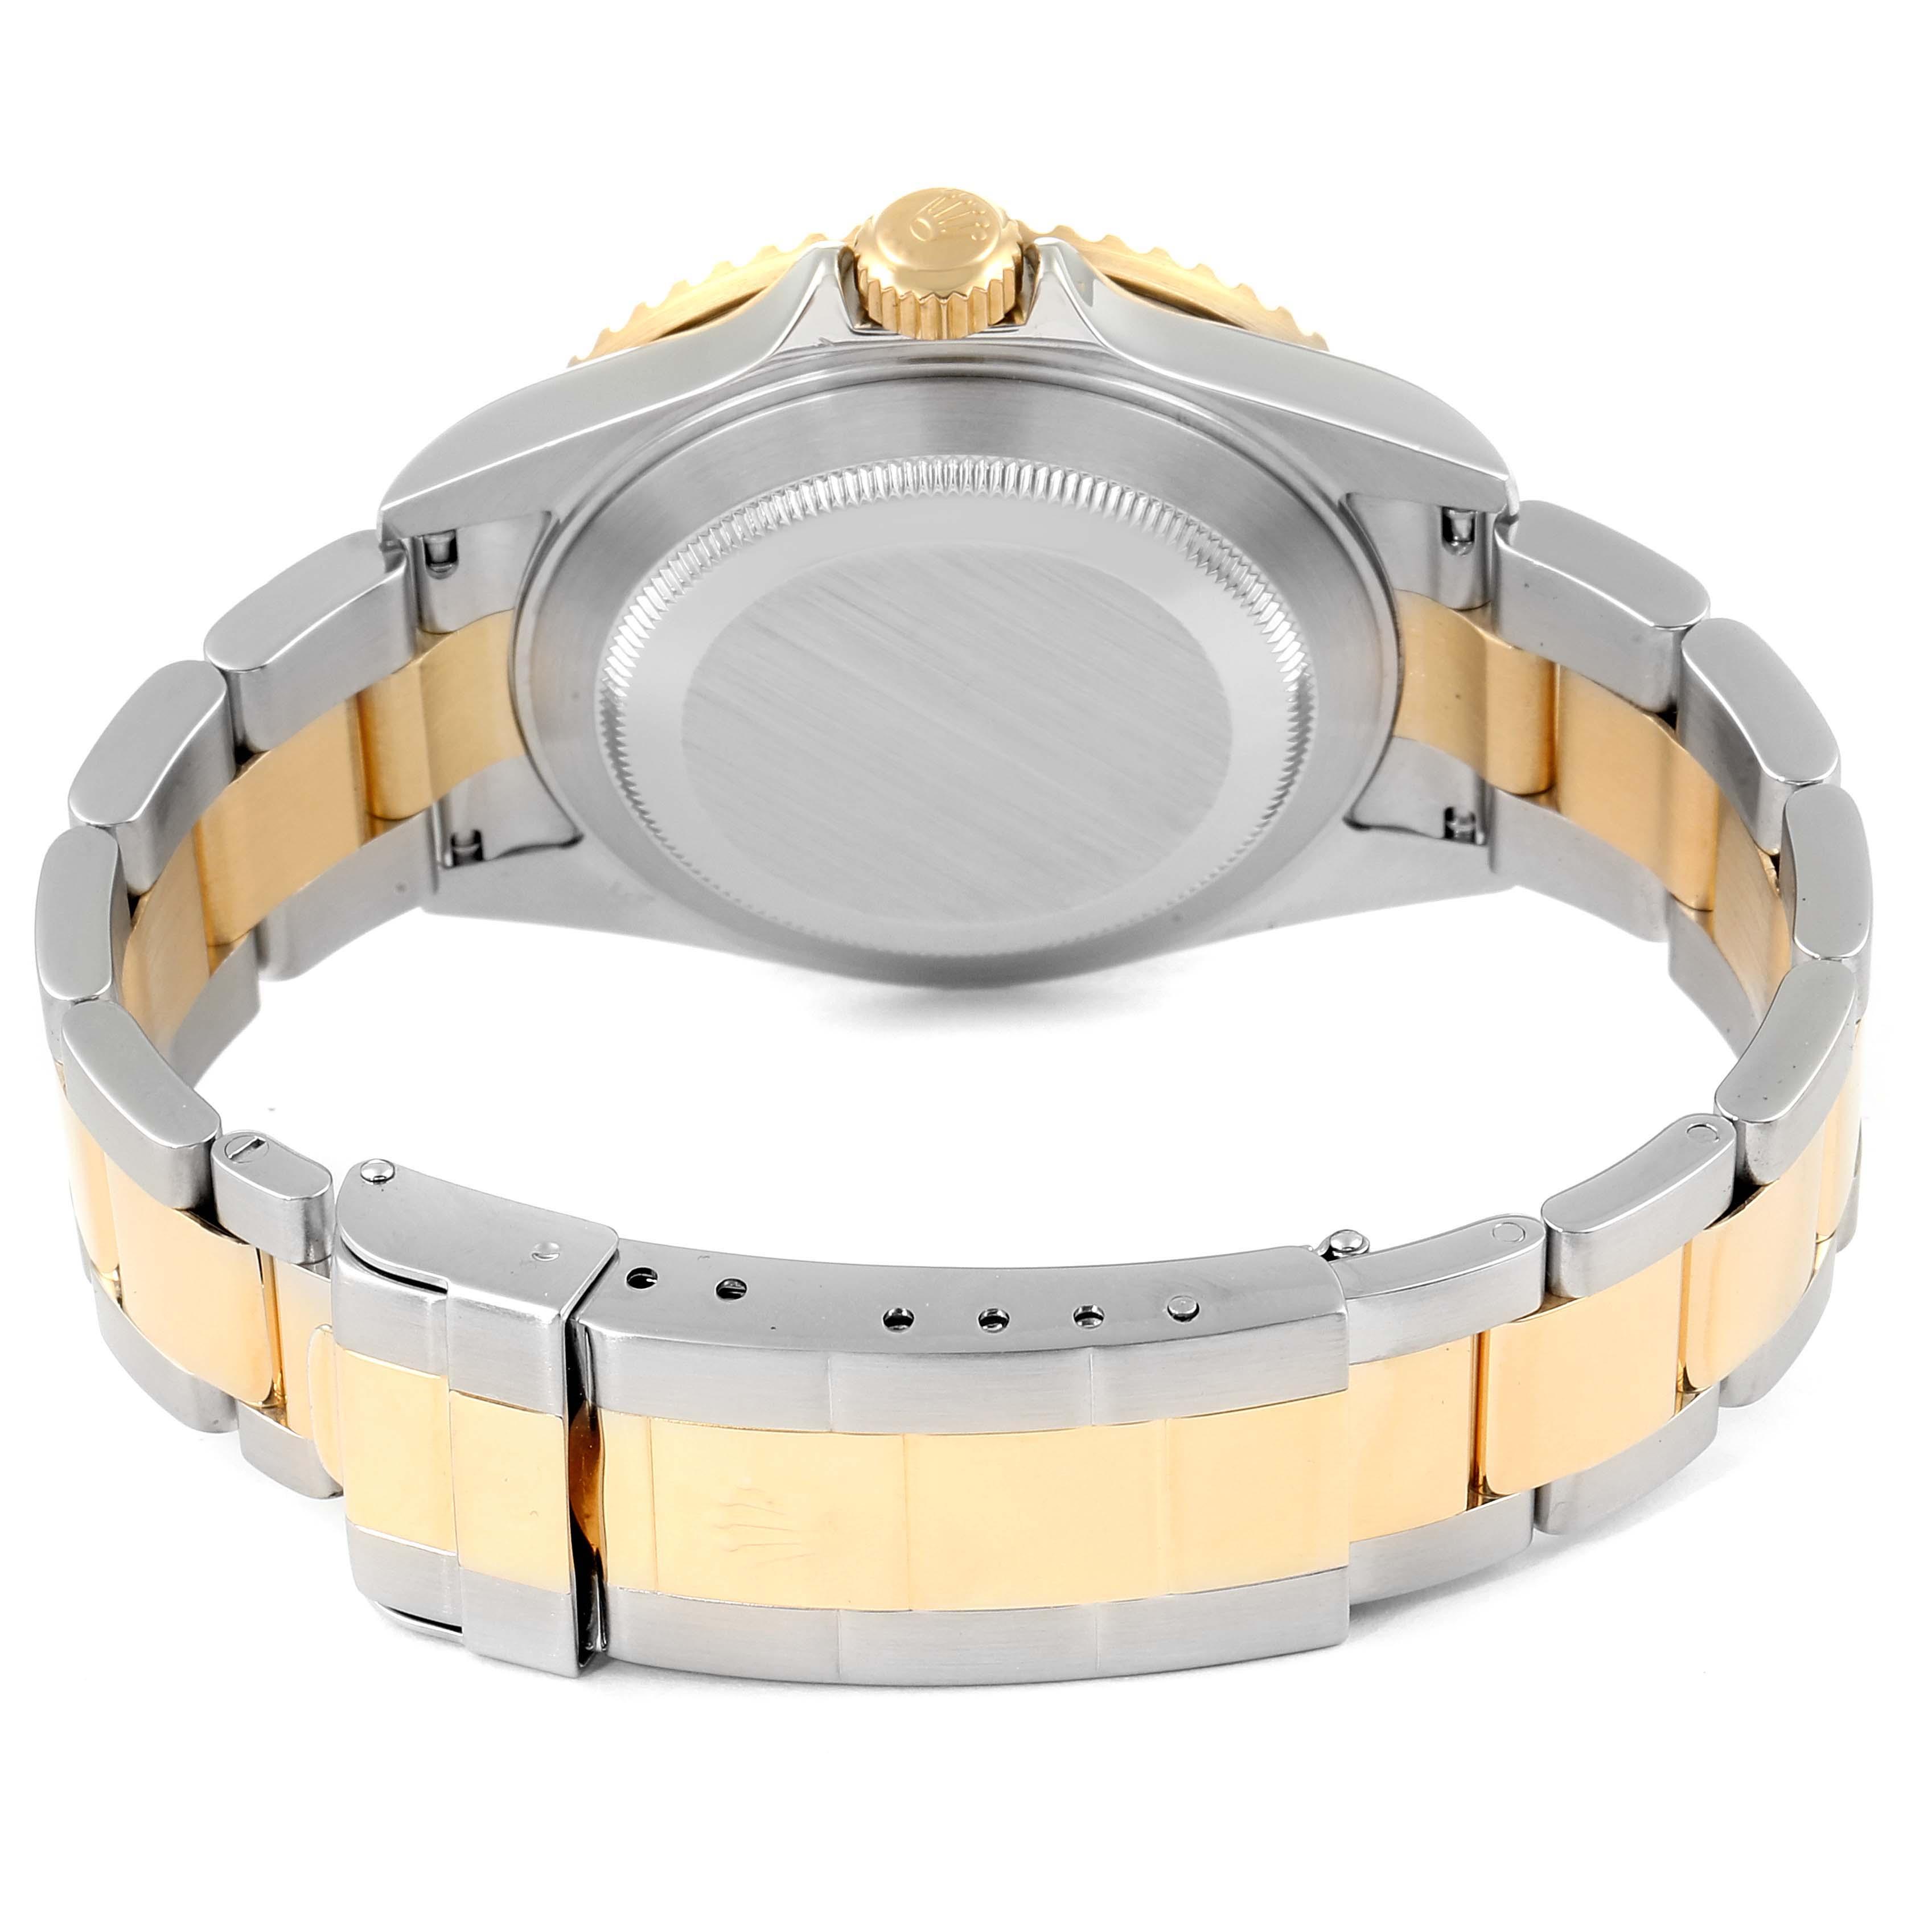 Rolex Submariner Black Dial Bezel Steel Yellow Gold Mens Watch 16613 SwissWatchExpo